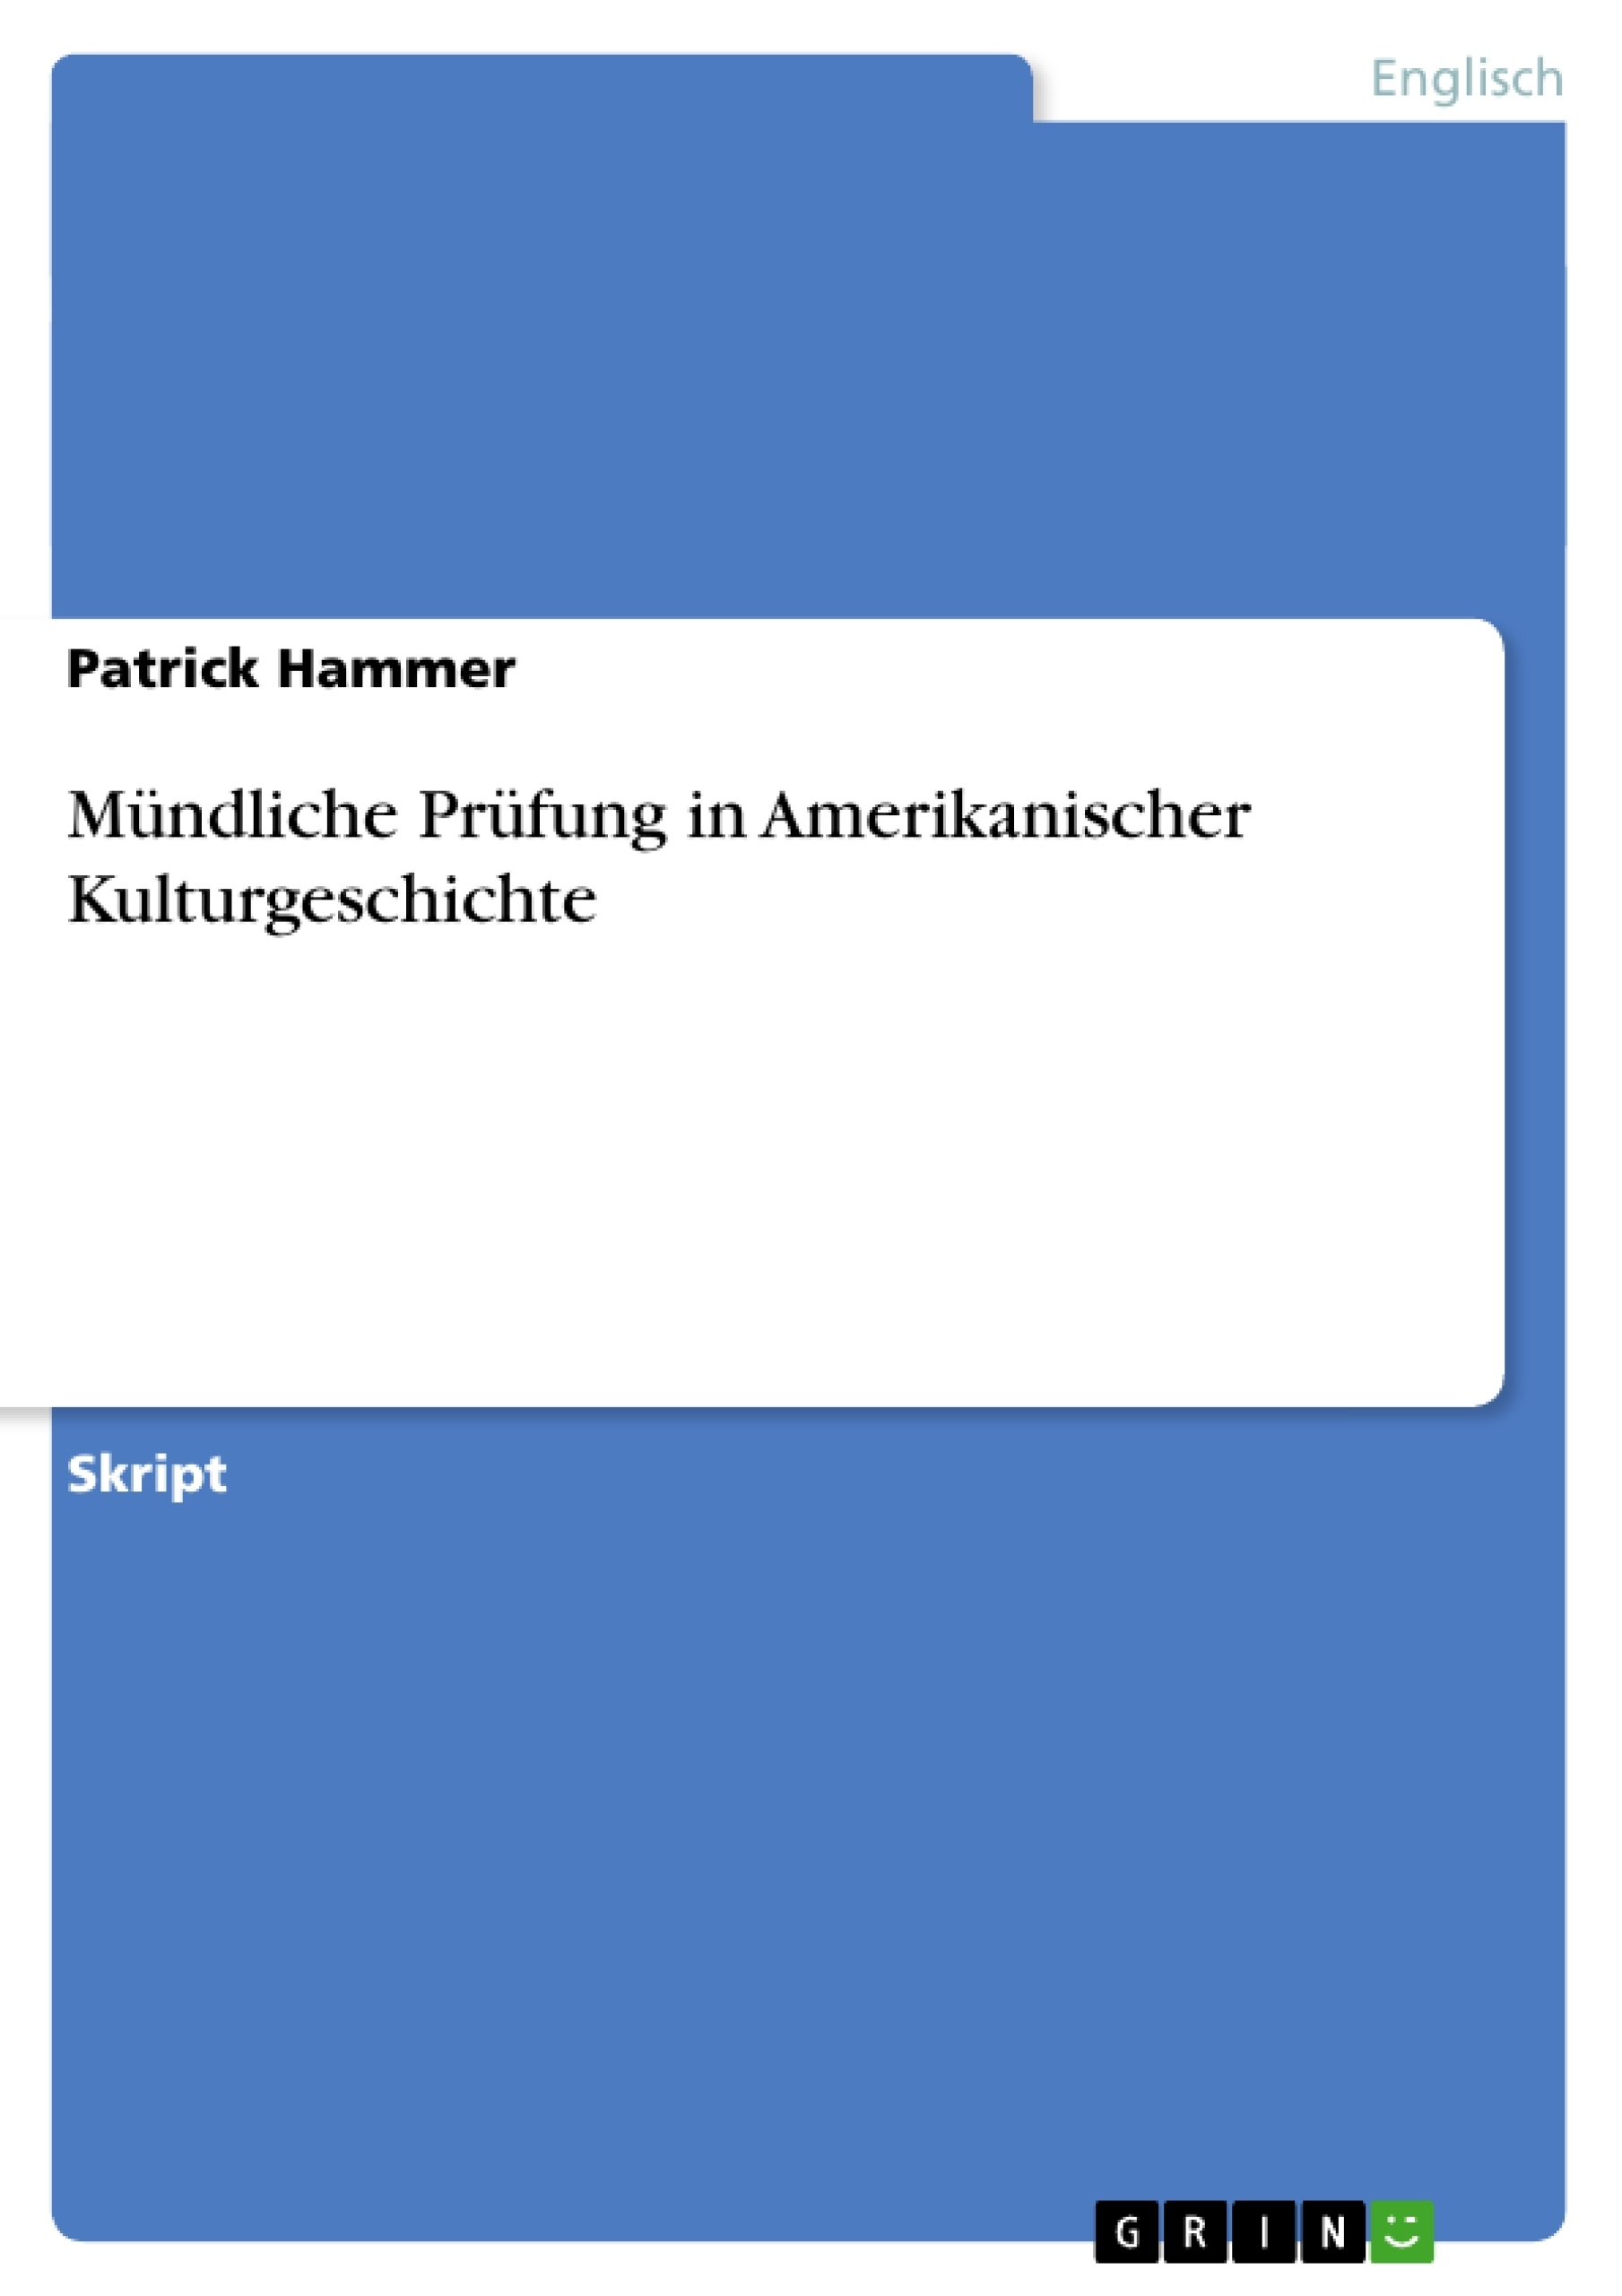 Titel: Mündliche Prüfung in Amerikanischer Kulturgeschichte